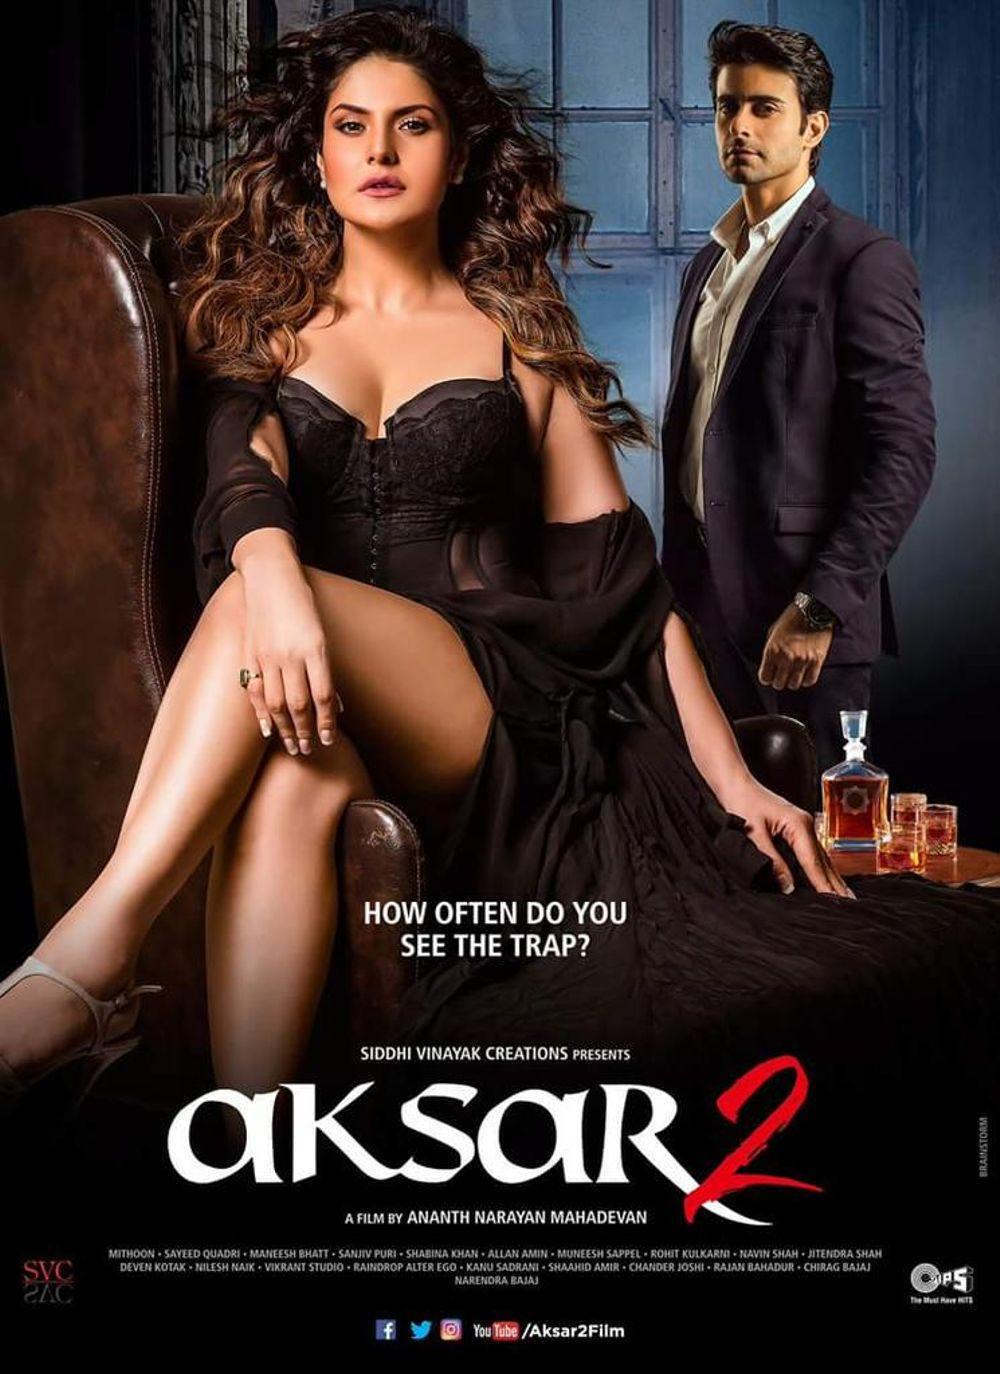 Aksar 2 Movie Review